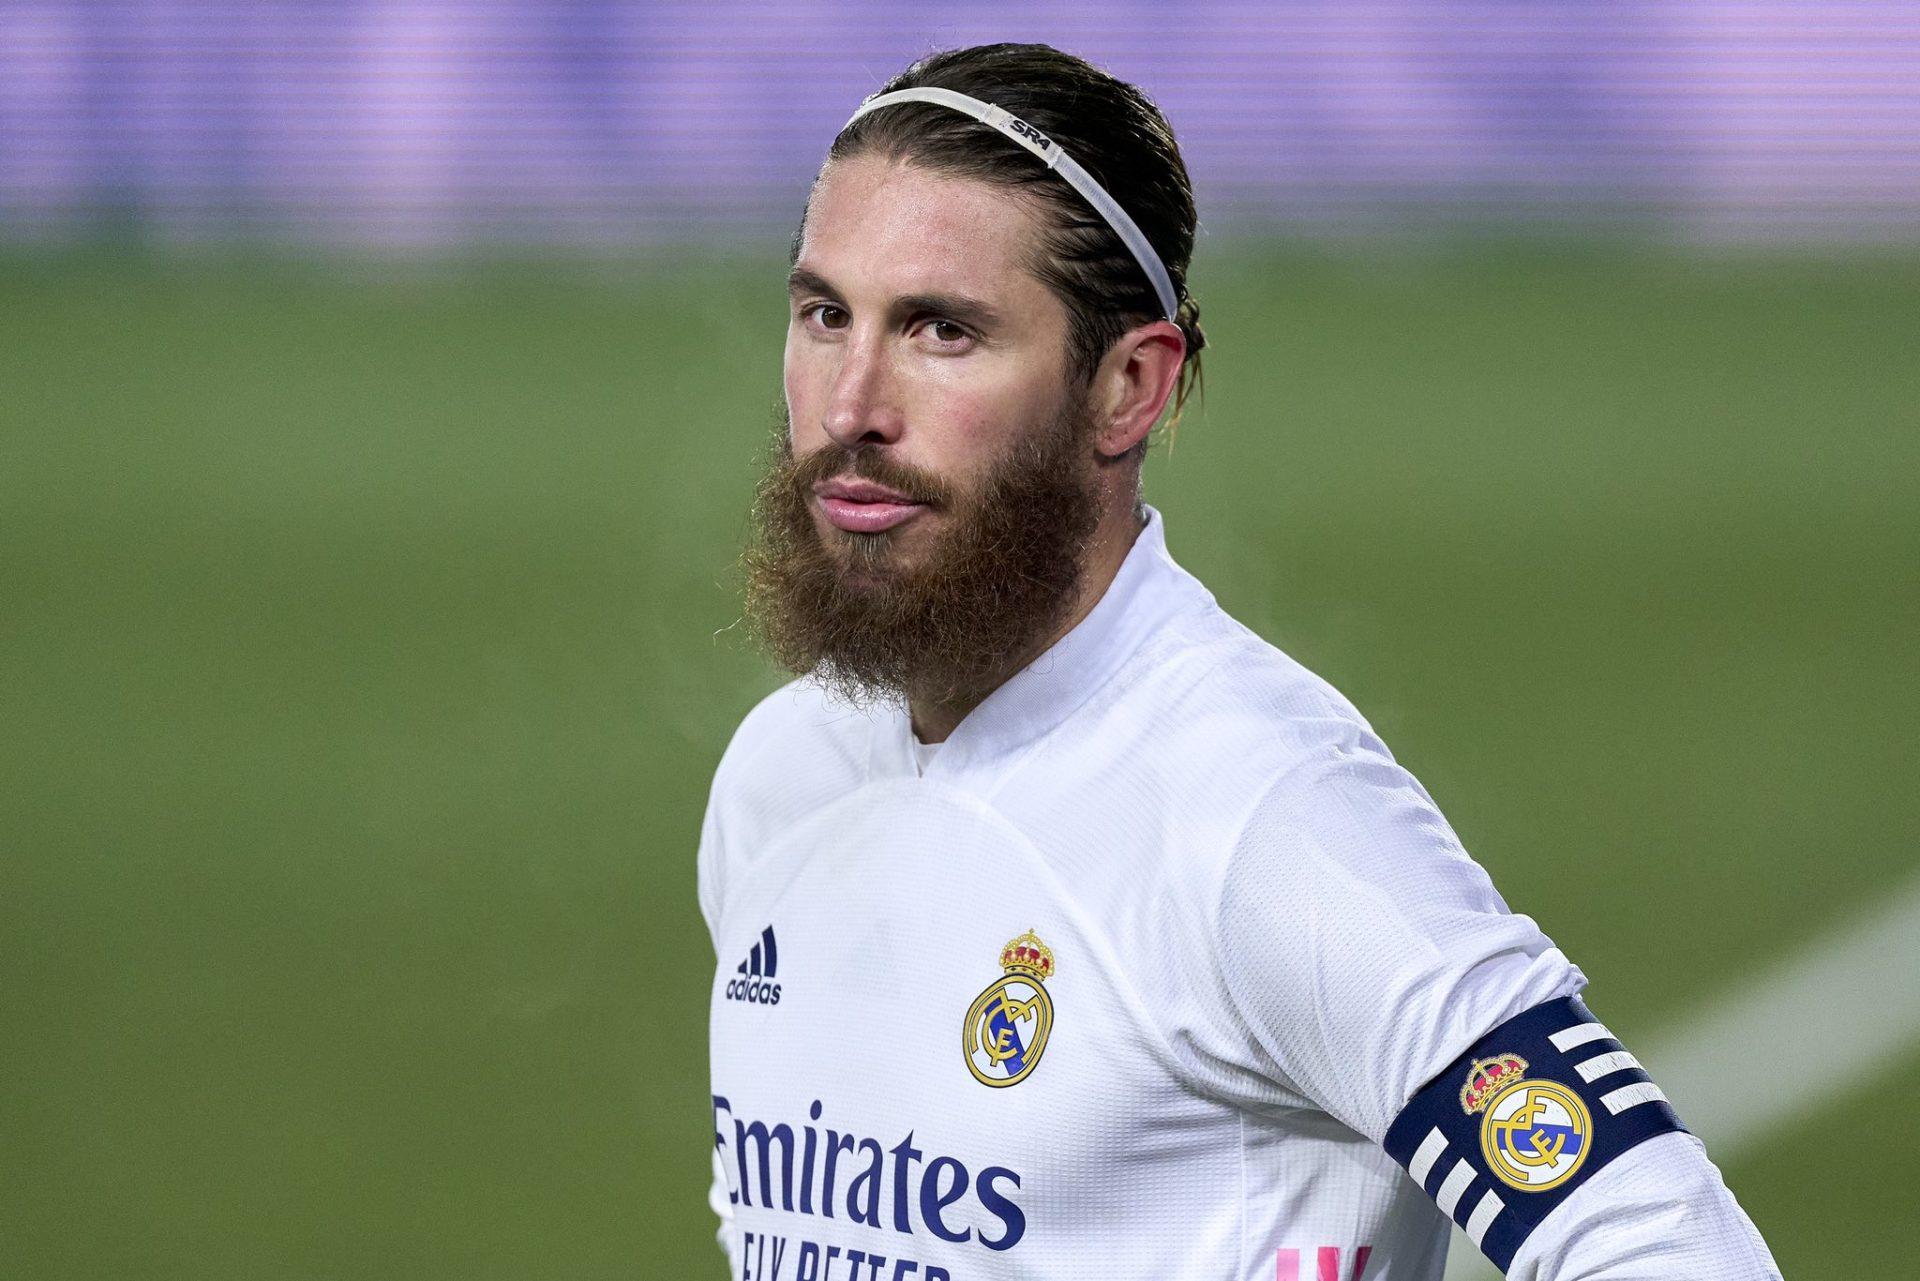 راموس والتمرد في ريال مدريد